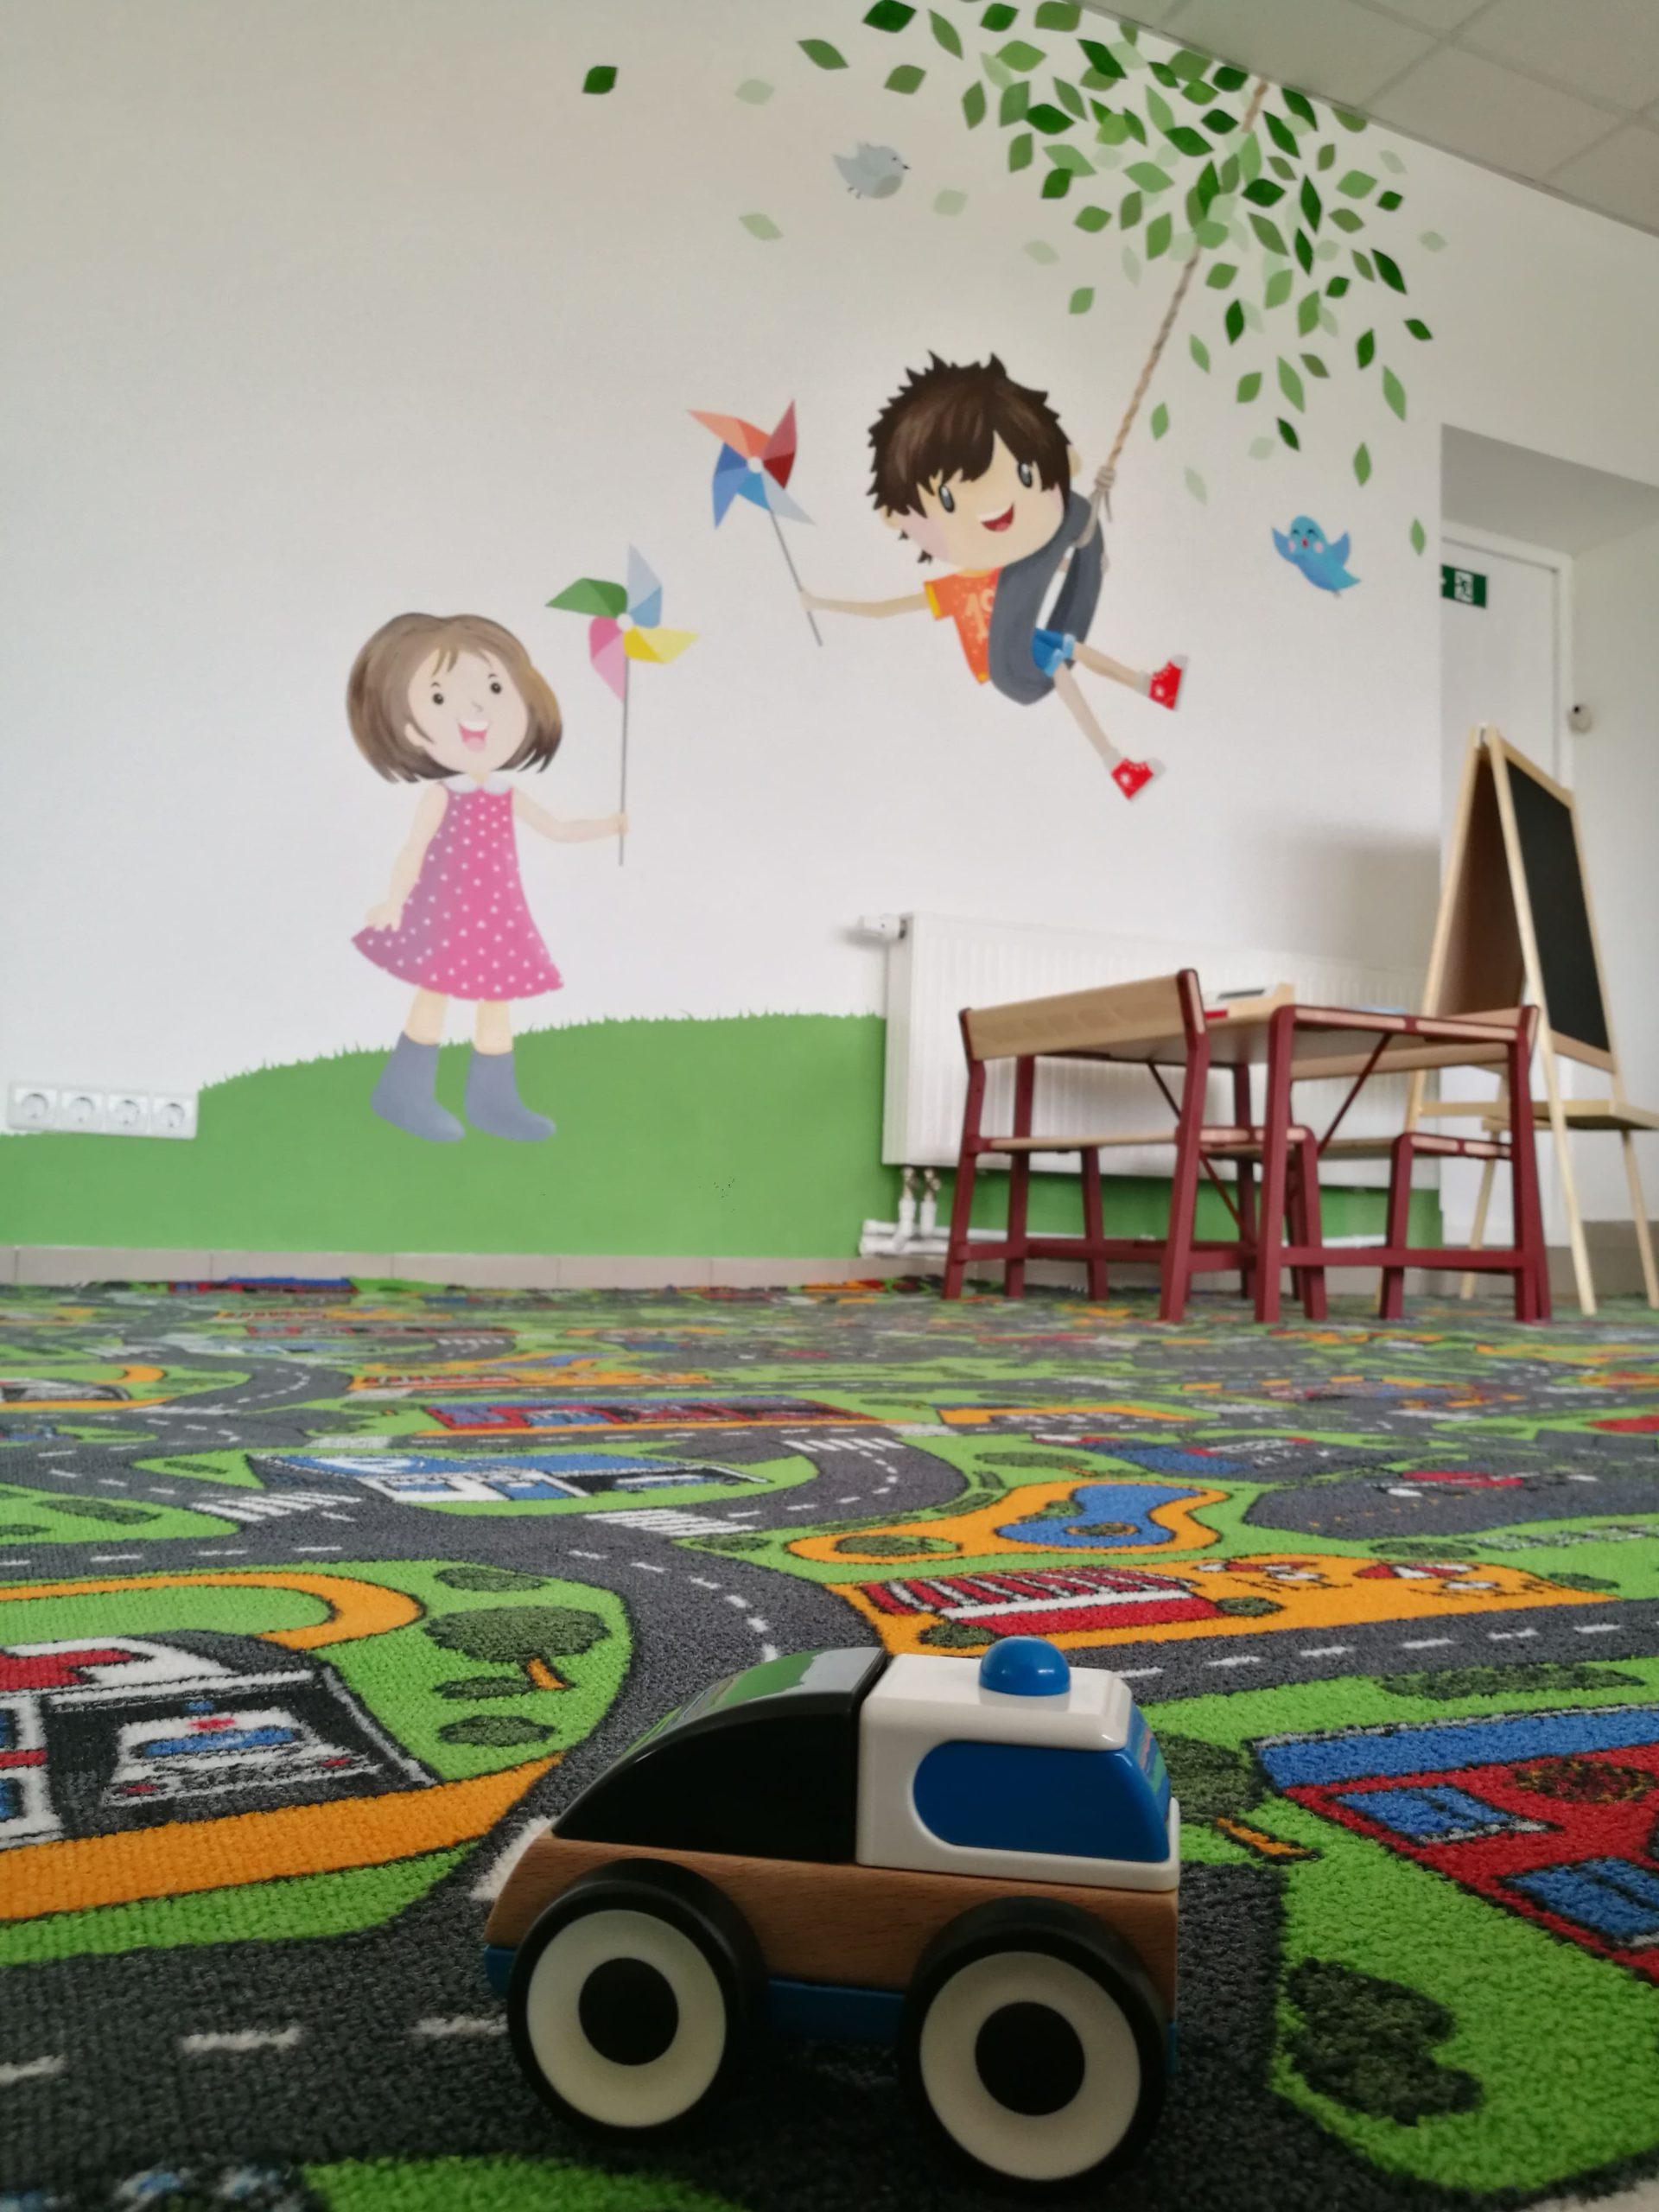 menine-kuryba-sienu-dekoravimas-ugdymo-istaigos (10)